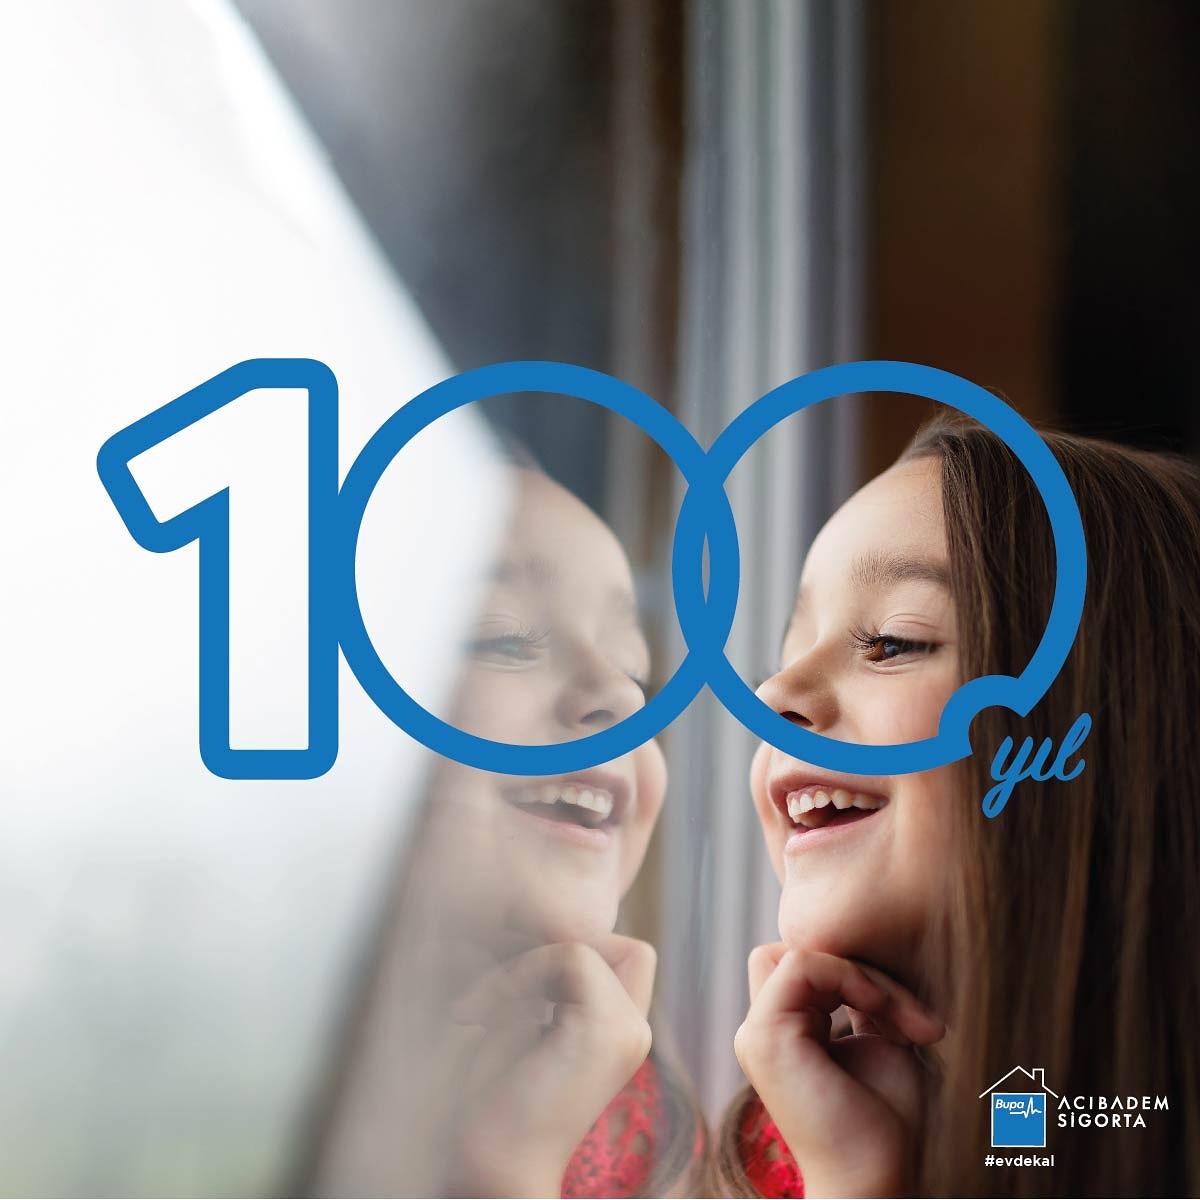 """""""Ulusal Egemenlik ve Çocuk Bayramımızın"""" 100. yılını sokaklarda olamasak da, hep birlikte balkonlardan saat 21:00'de bayraklarımızla, İstiklal Marşımızı söyleyerek kutlayacağız.🇹🇷 Bayramımız kutlu olsun.  #BupaAcıbademSigorta #YanyanaOlmasakdaBeraberiz #23NisanKutluOlsun #100YIL https://t.co/IBoJ6M5yay"""